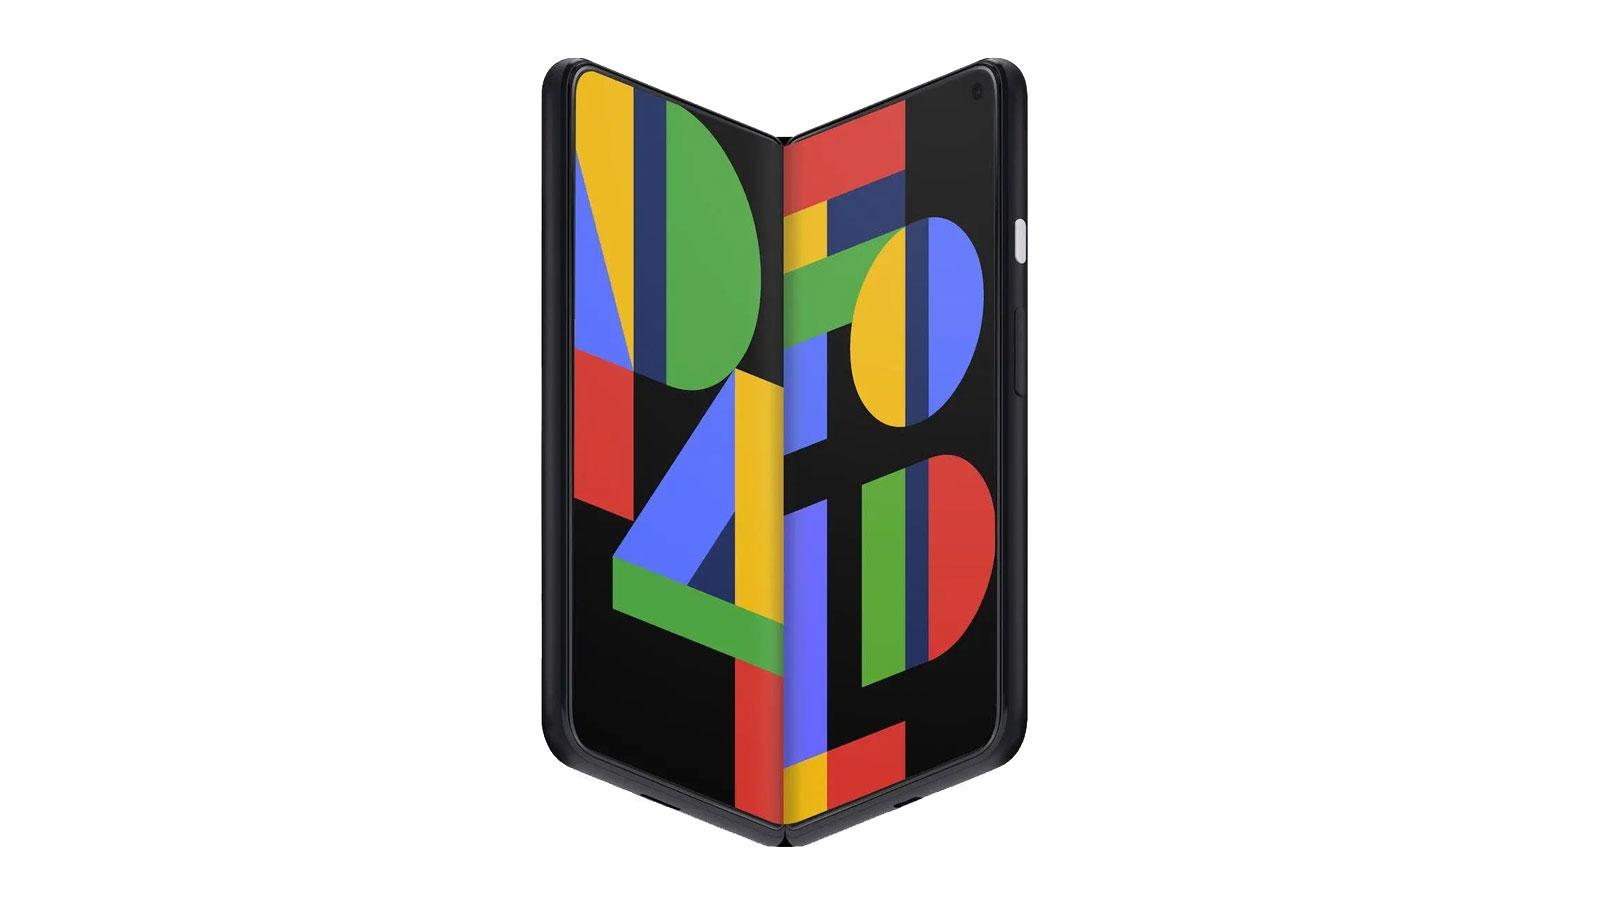 Samsung va produire des écrans pliables pour Google, le Pixel pliable encore prévu pour 2021 ?